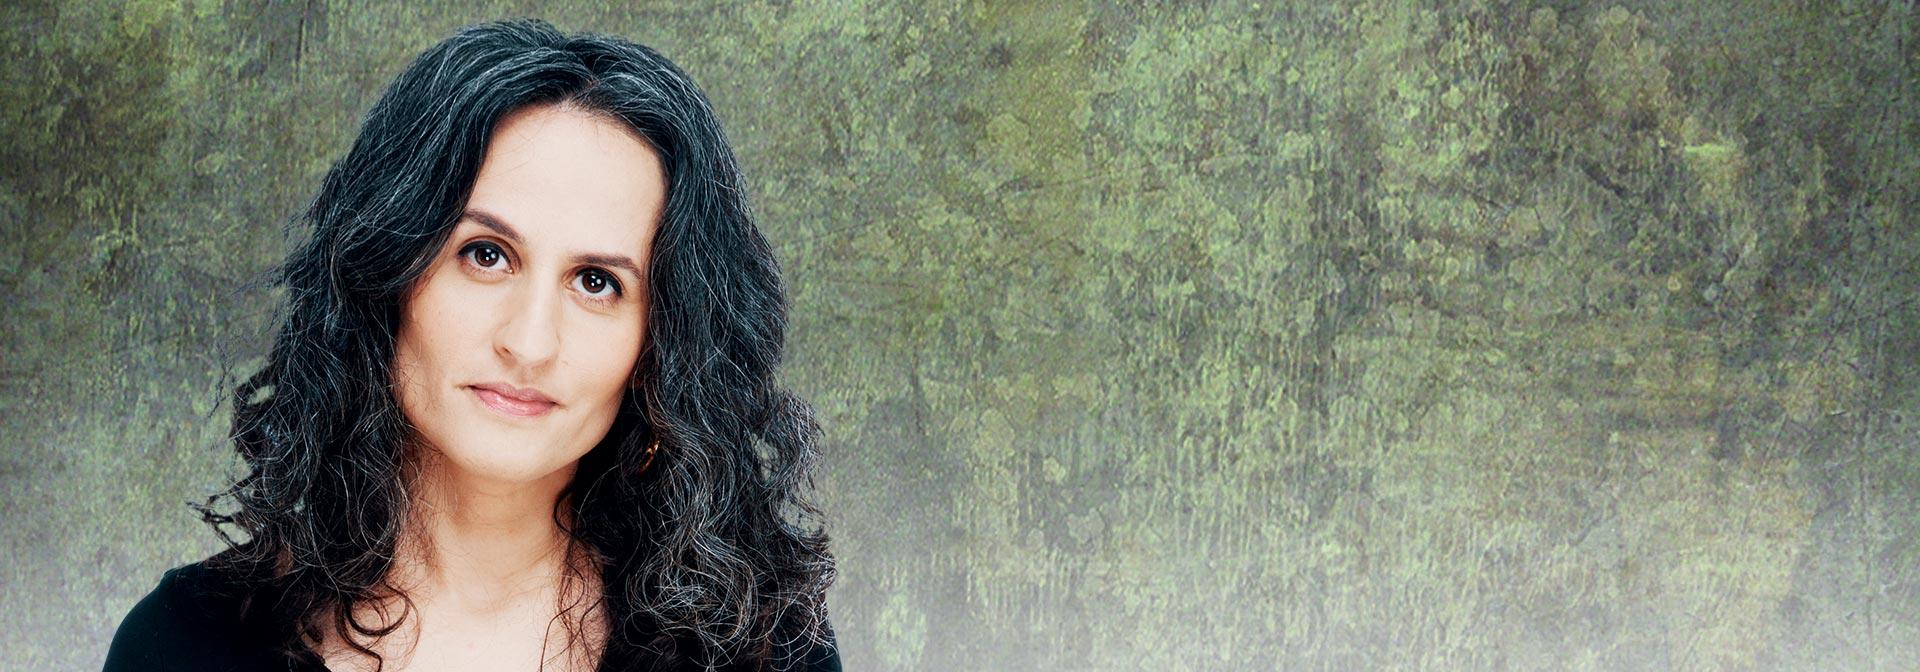 ליידי גלובס מציג: 20 האקטיביסטיות המשפיעות בישראל 2018 - נעמה קטיעי / צילום: ענבל מרמרי